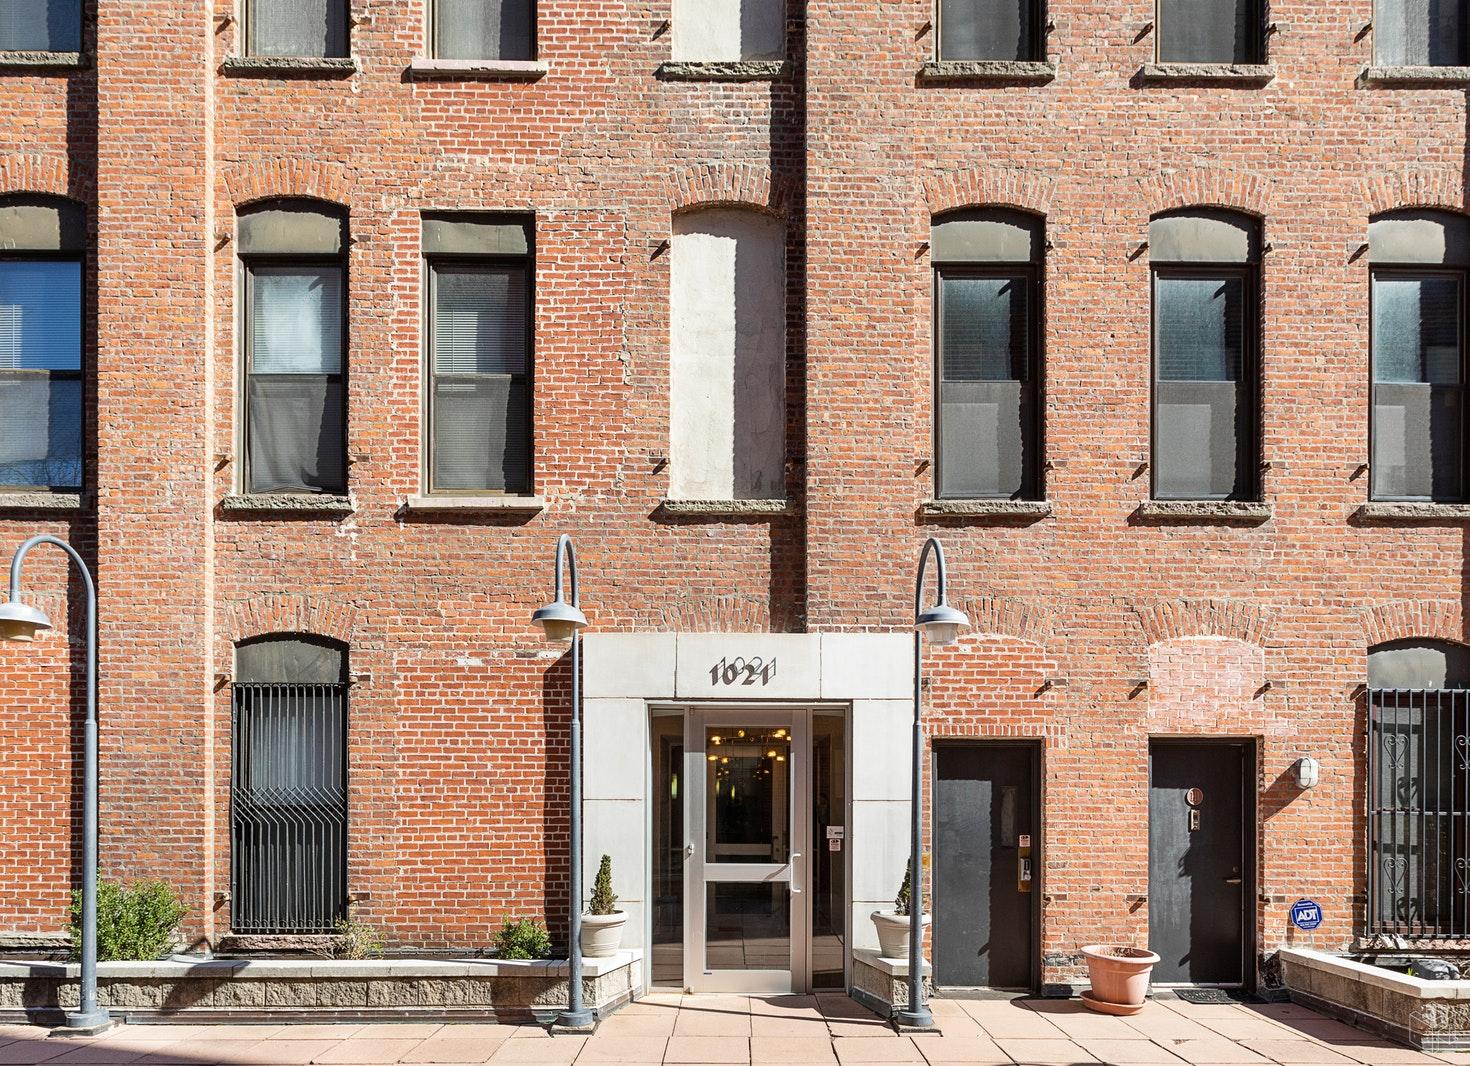 1021 GRAND ST 4E, Hoboken, $739,000, Web #: 19538610